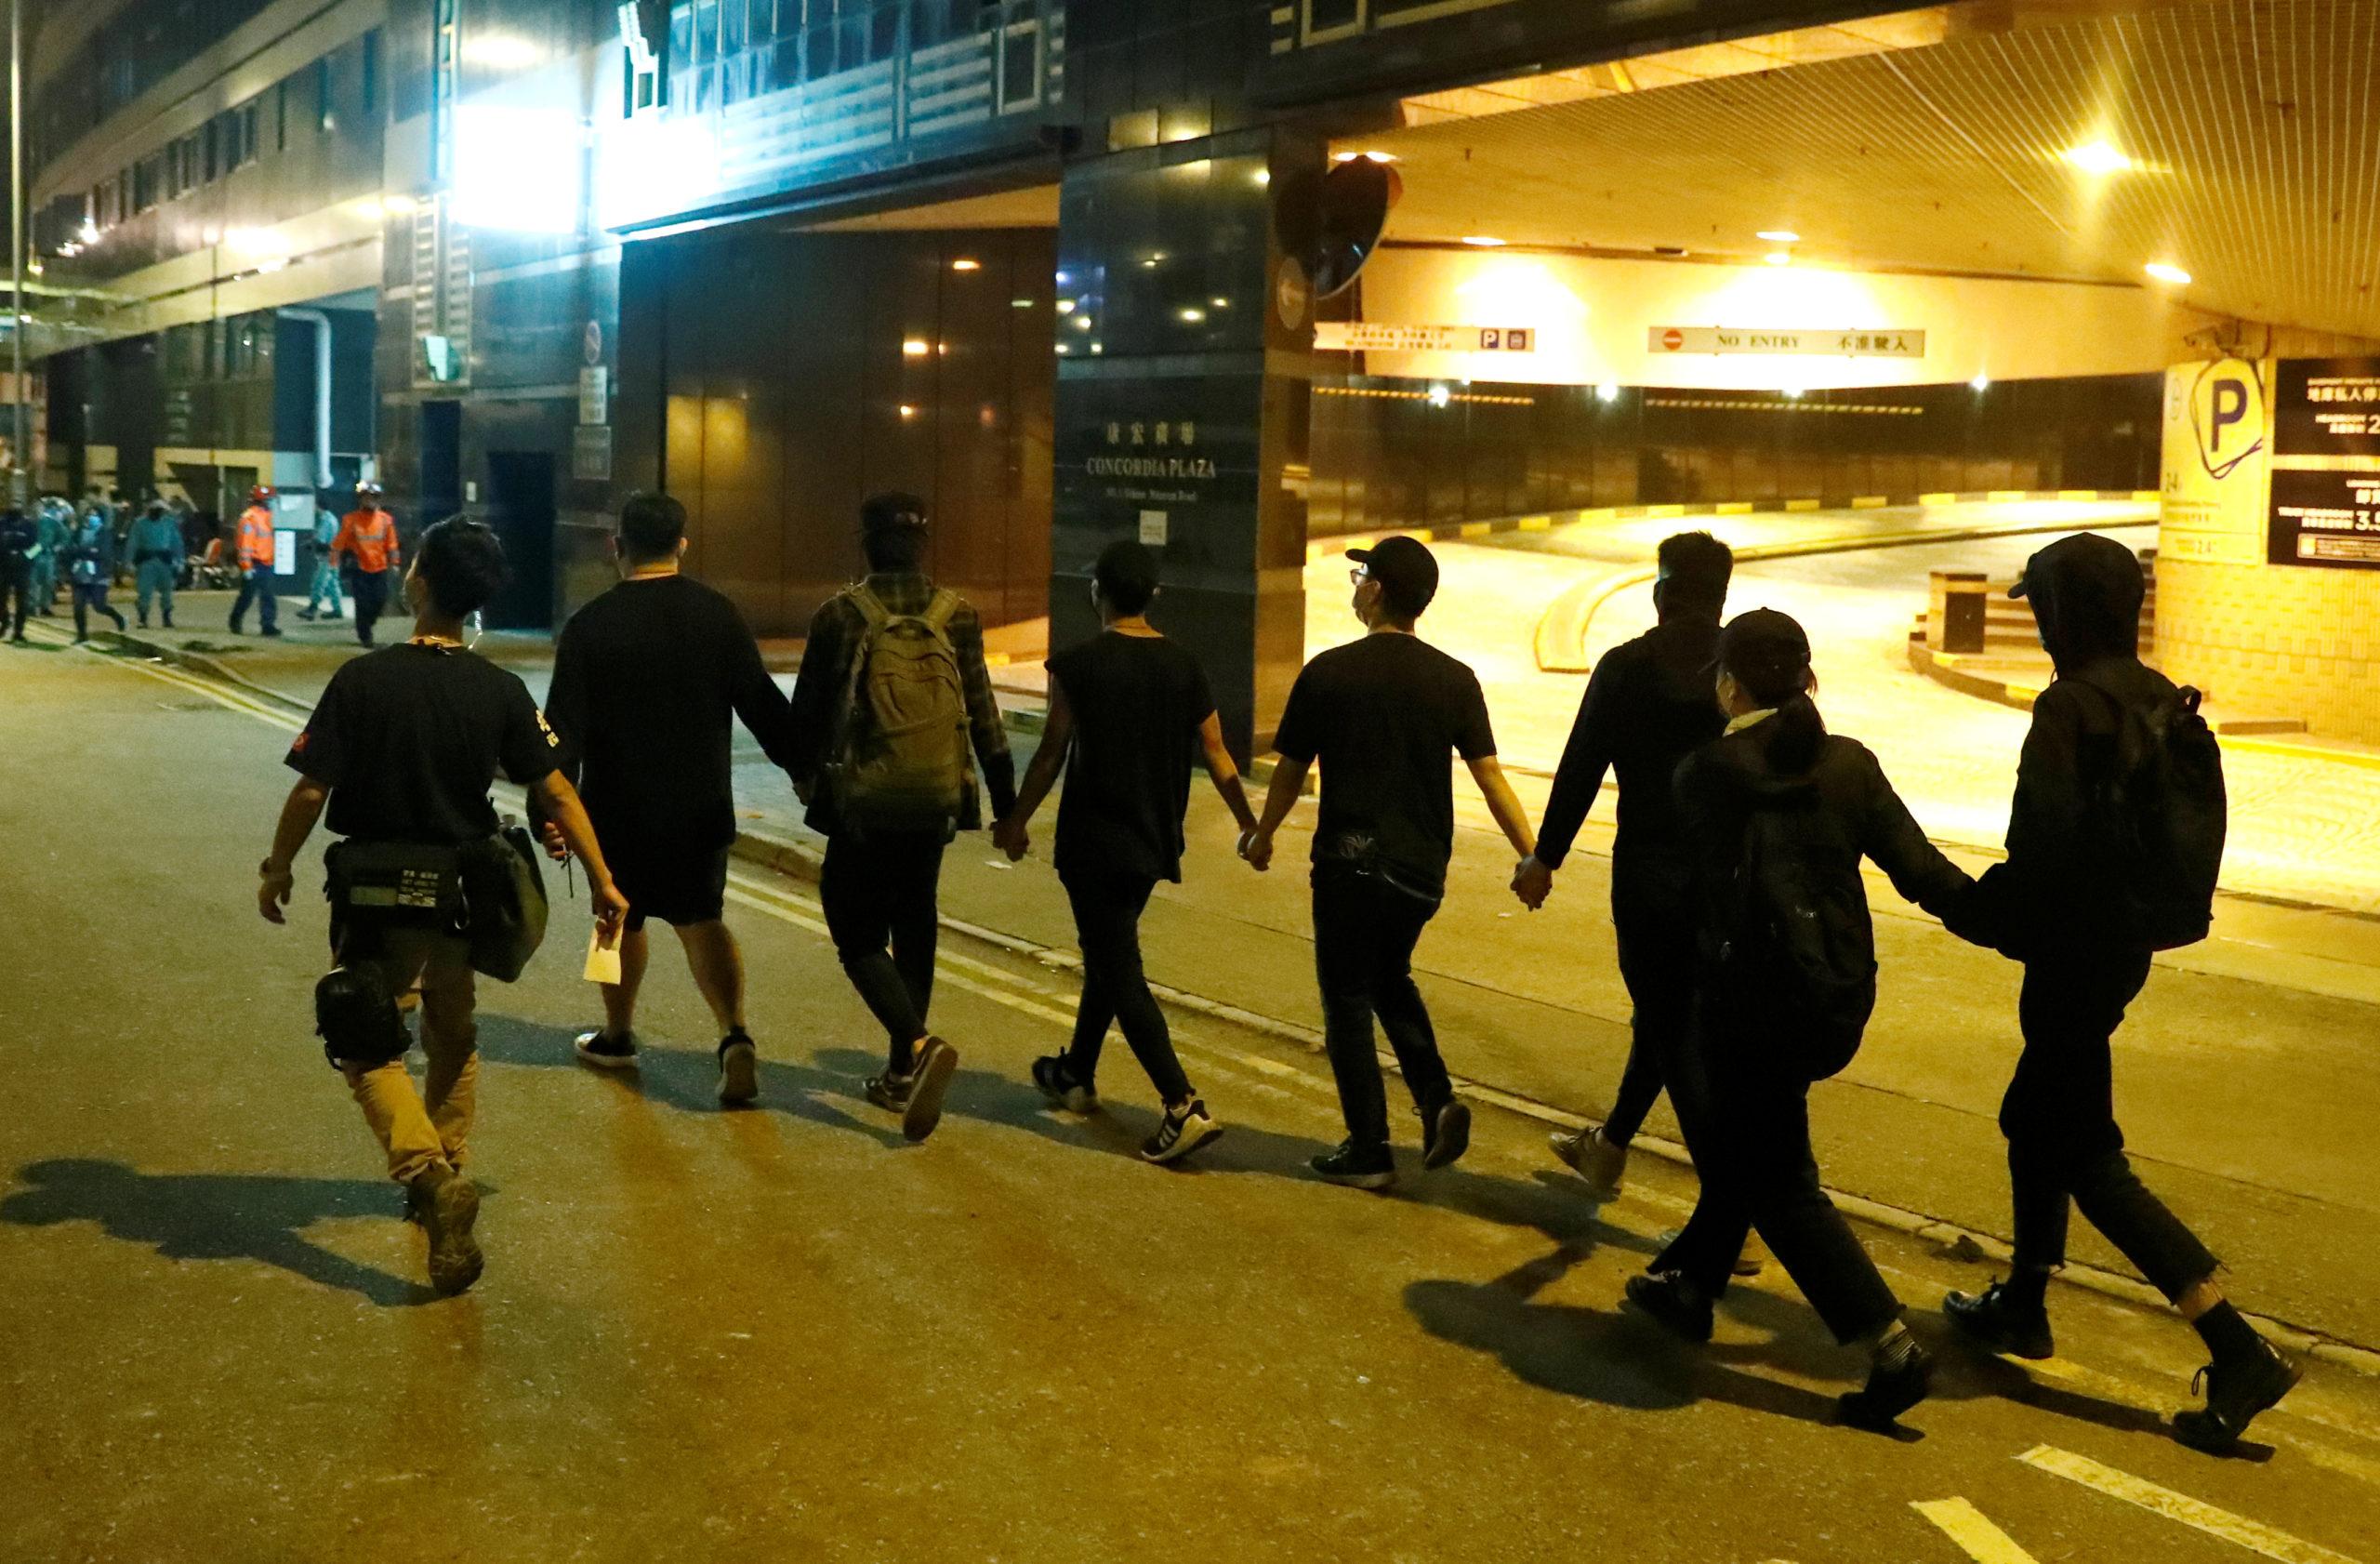 Au moins huit manifestants pro-démocratie qui étaient retranchés depuis plusieurs jours dans un campus universitaire de Hong Kong se sont rendus vendredi matin à la police, tandis que d'autres contestataires cherchaient désespérément une issue pour prendre à défaut le dispositif policier autour du lieu. /Photo prise le 21 novembre 2019/REUTERS/Thomas Peter